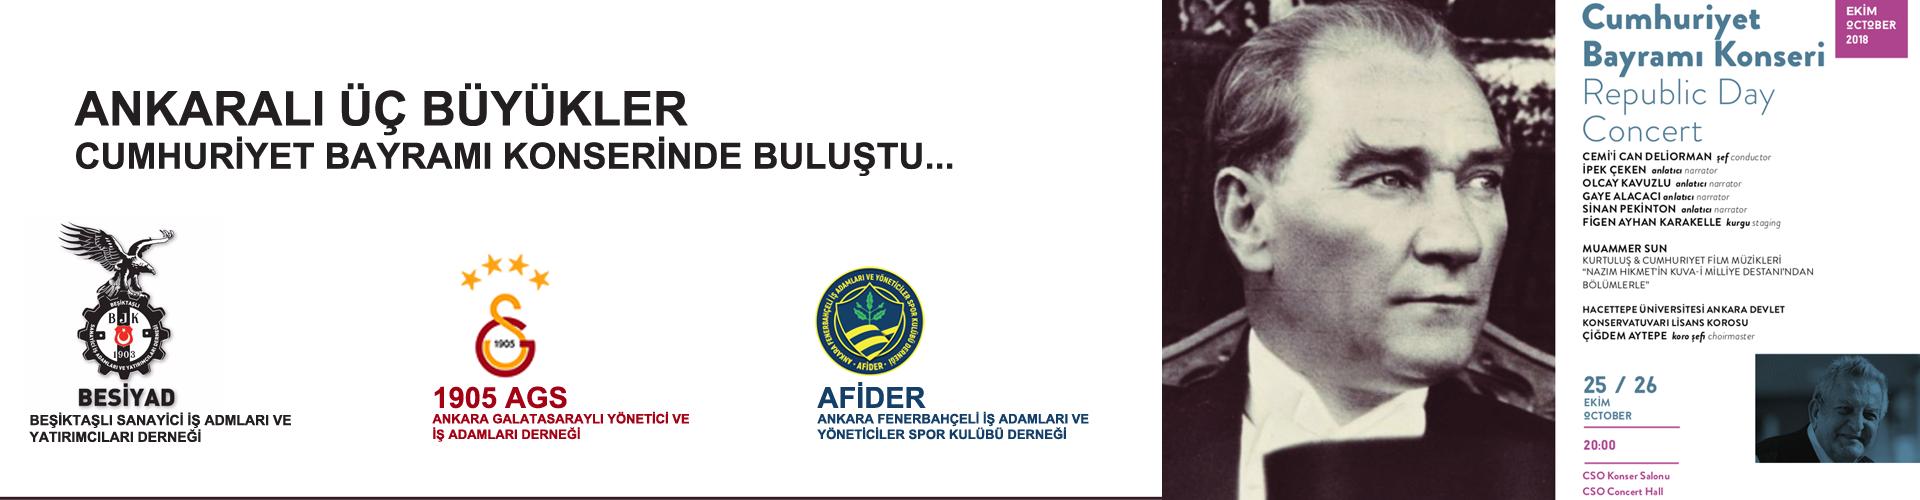 Ankaralı Üç Büyükler Cumhuriyet Bayramı Konserinde Buluştu